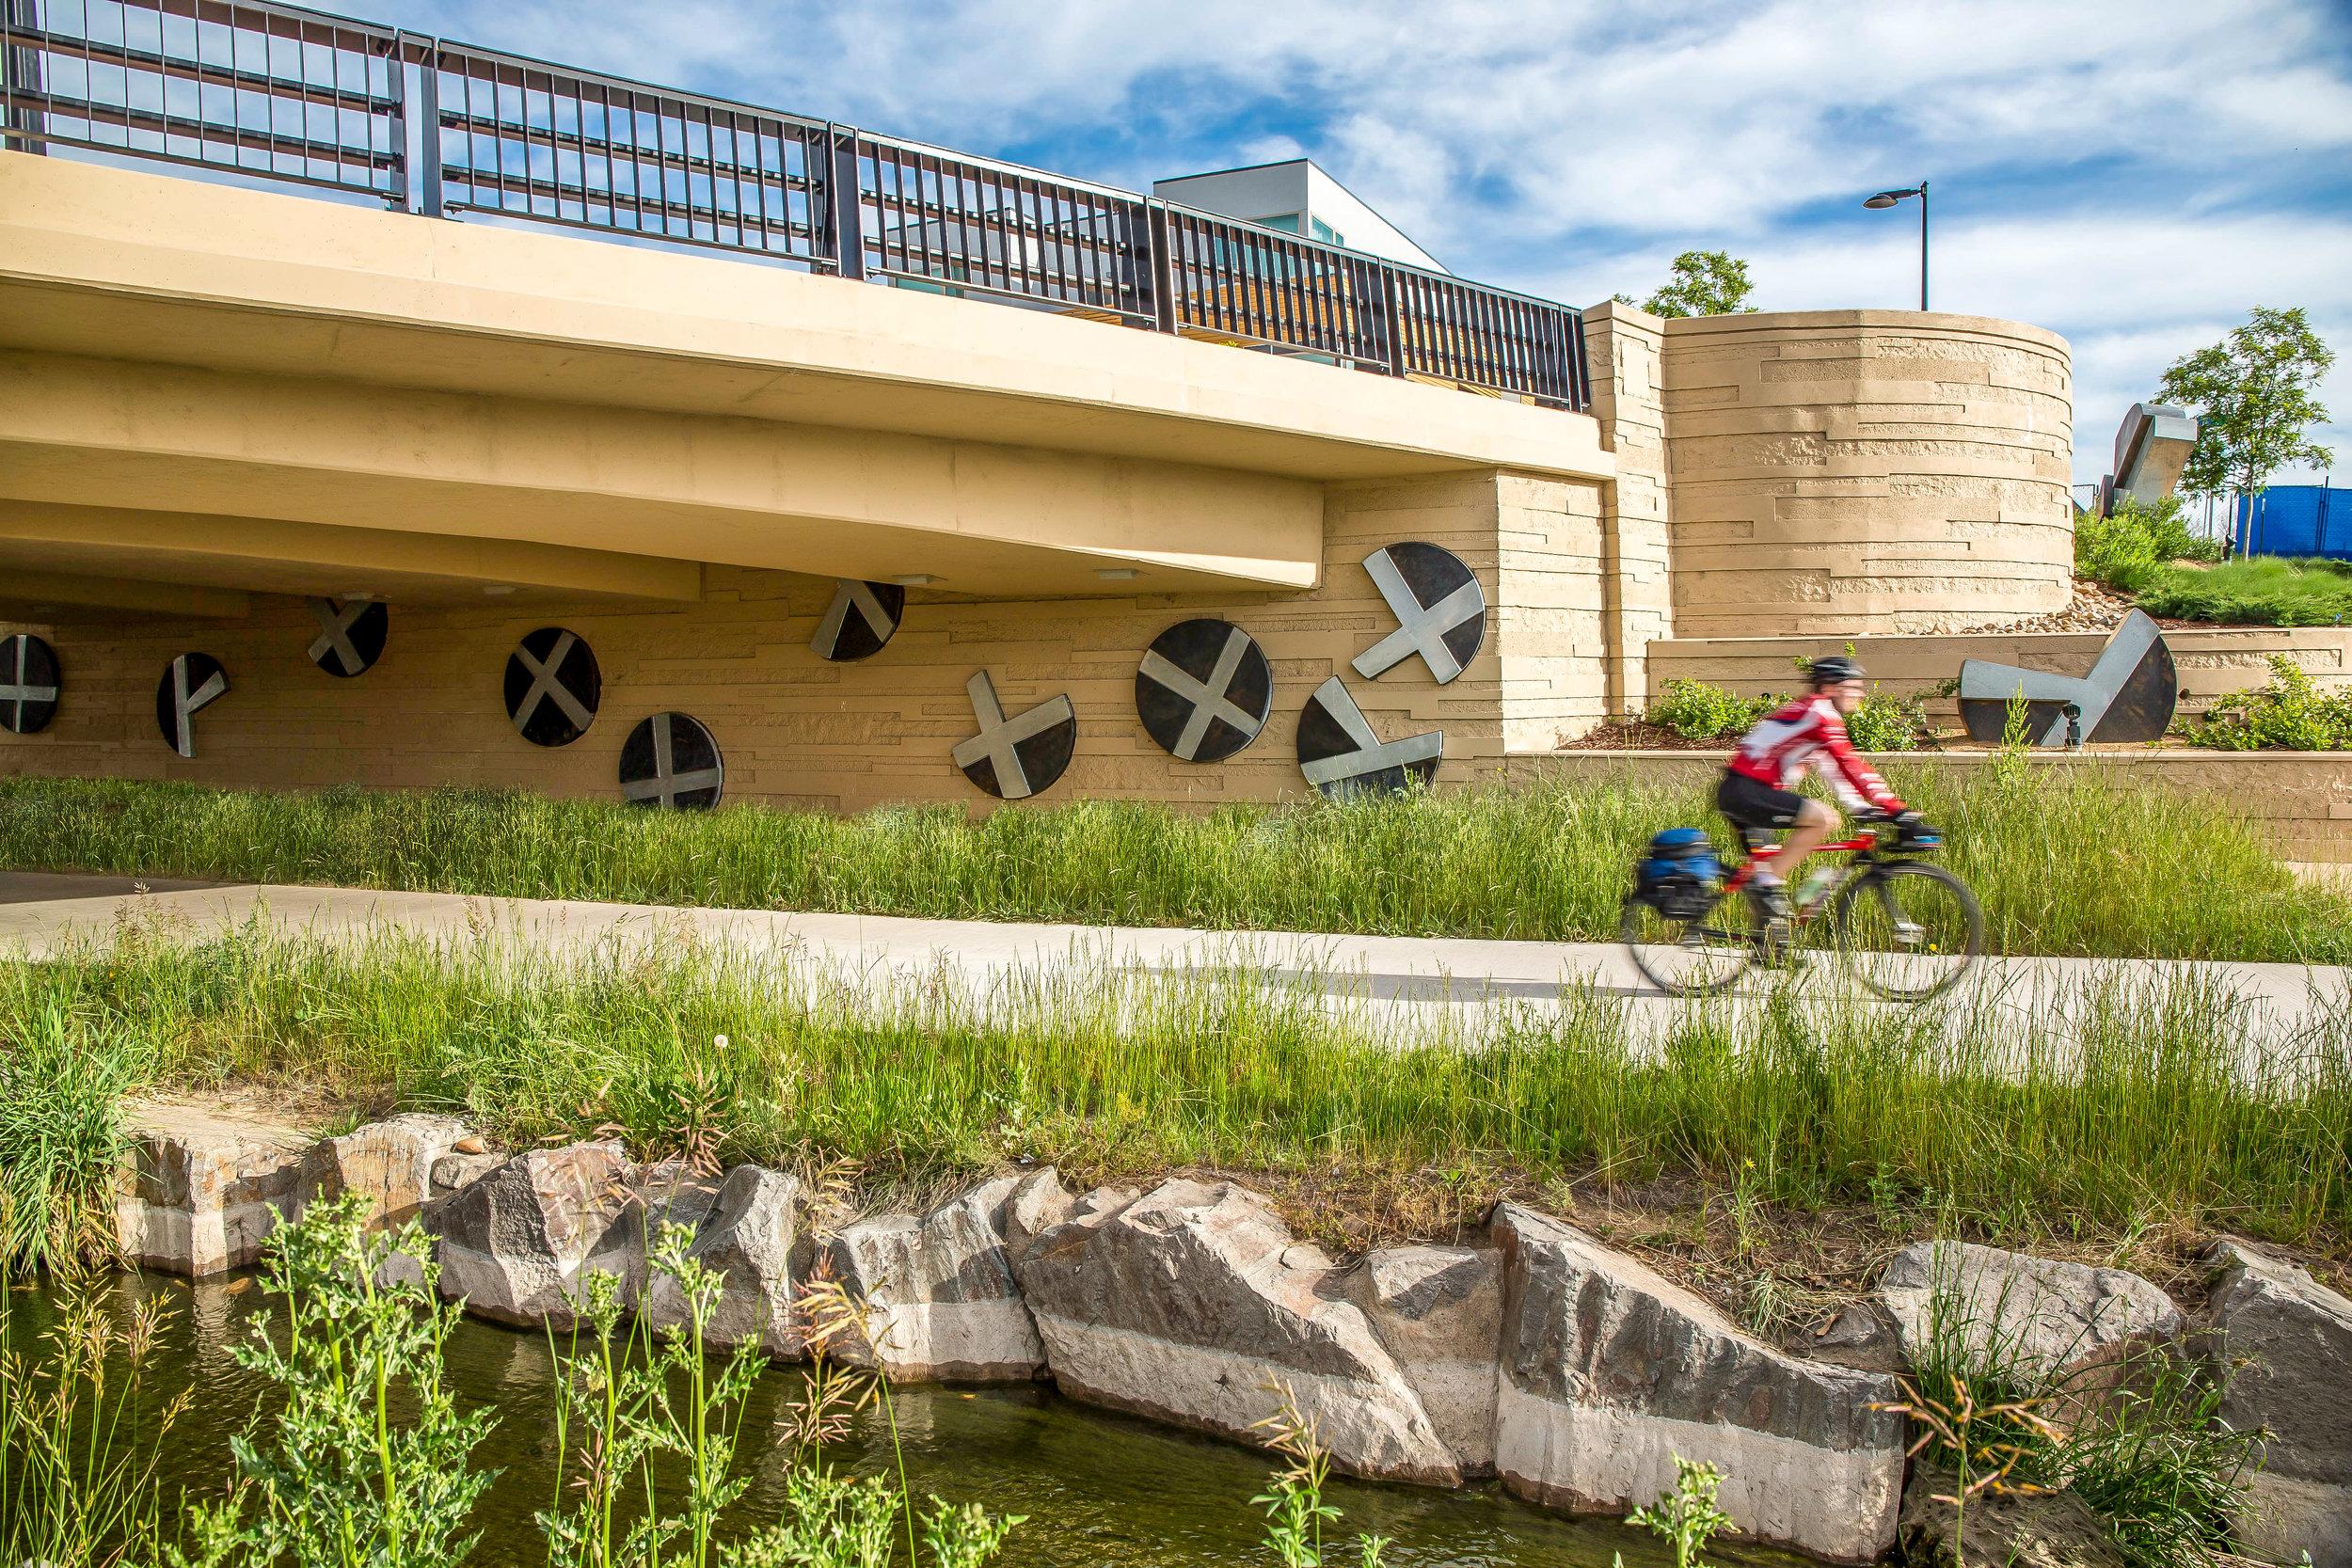 """<img src="""" studioINSITE_Boulder_Junction_Place_Greenway """"alt=""""Boulder, Junction Place, Bike Trails, Transite Depot, Bridge, Streetscape, Greenway, Landscape Art, Art, Public Outreach, Landscape Architecture, Urban Design  title=""""Boulder Junction Place  """"/>"""